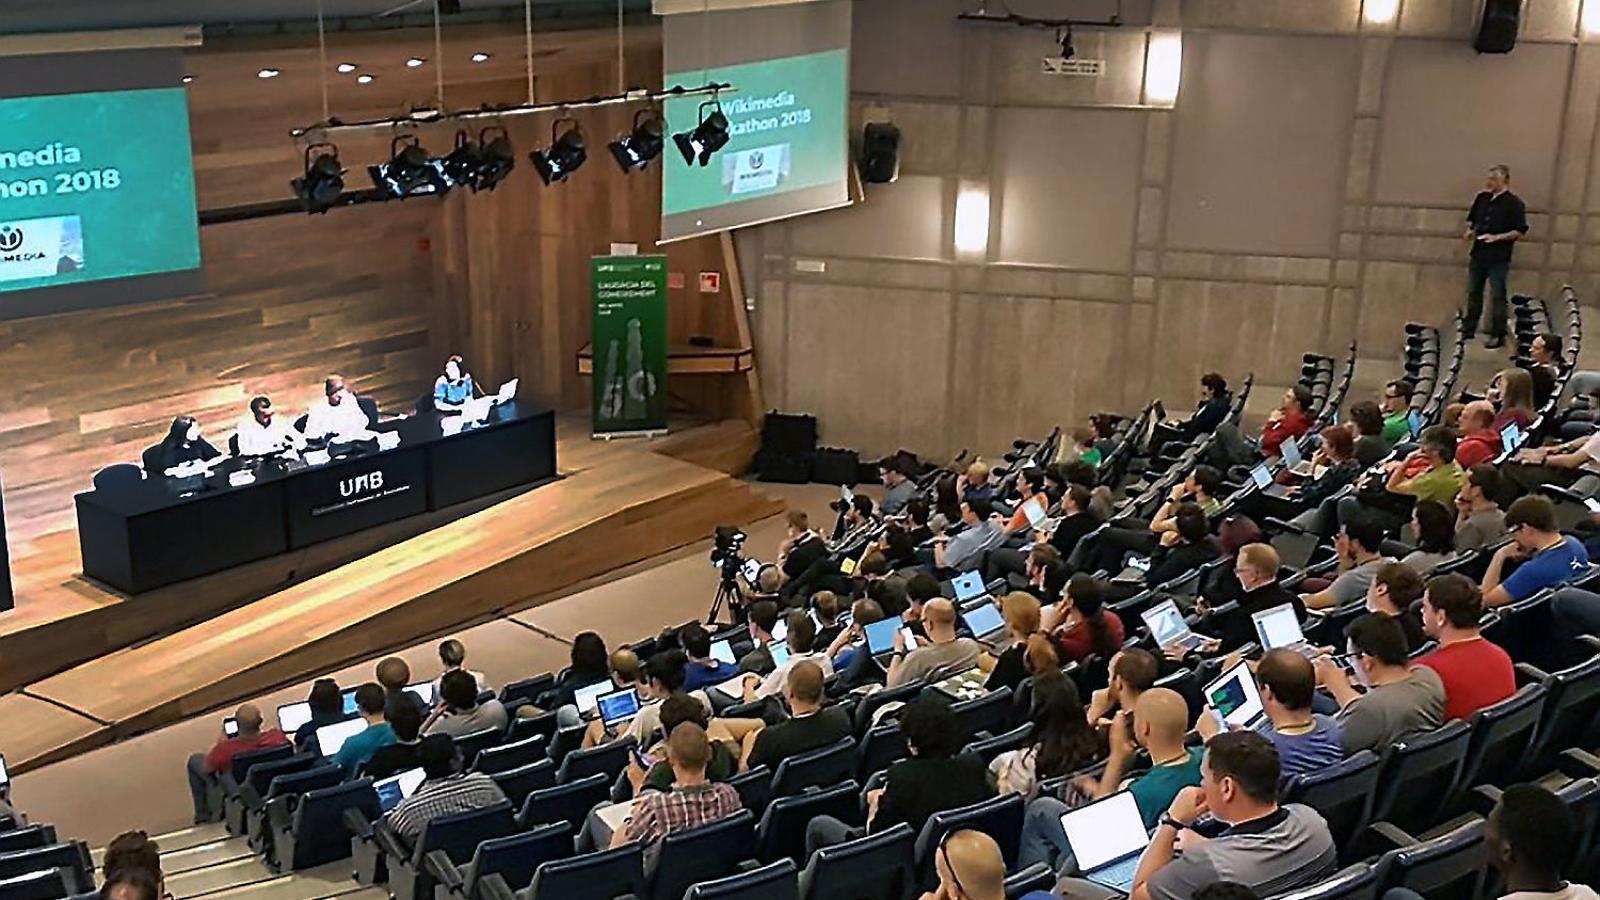 La trobada internacional Wikimedia Hackathon  ha reunit  a la UAB 250 especialistes  de 48 països aquest cap  de setmana.